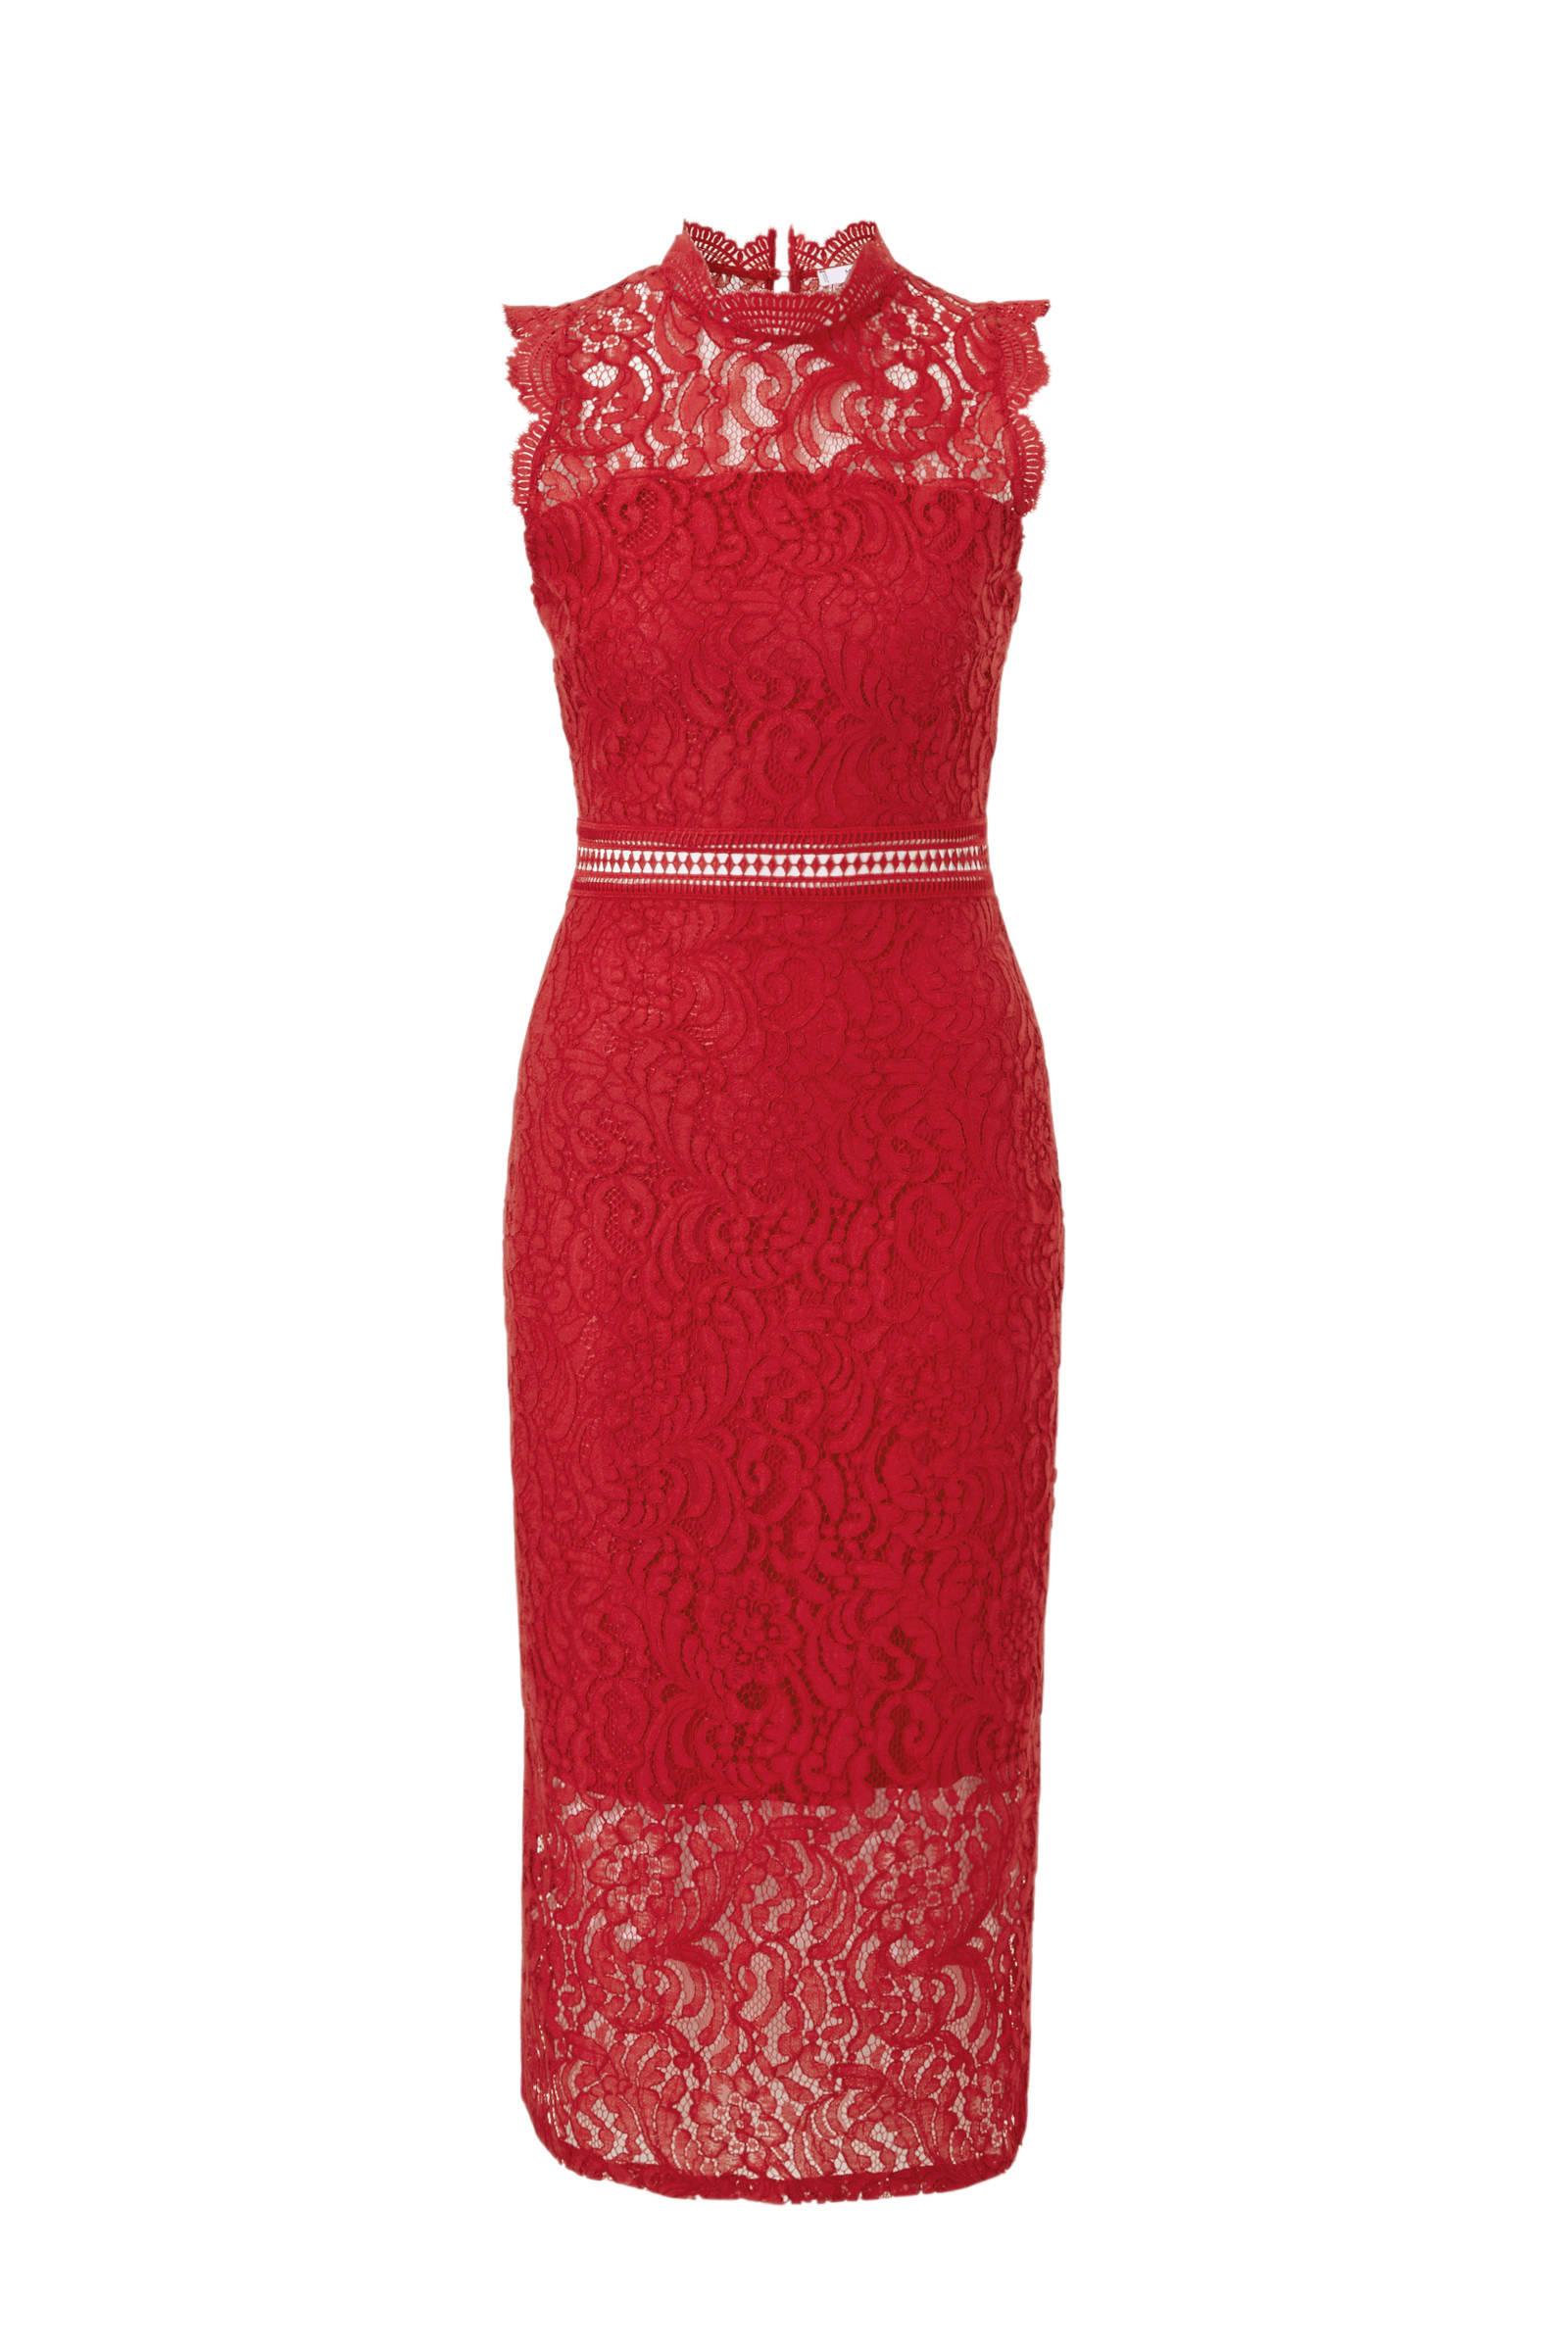 00a39dc82784d2 Mango kanten jurk rood